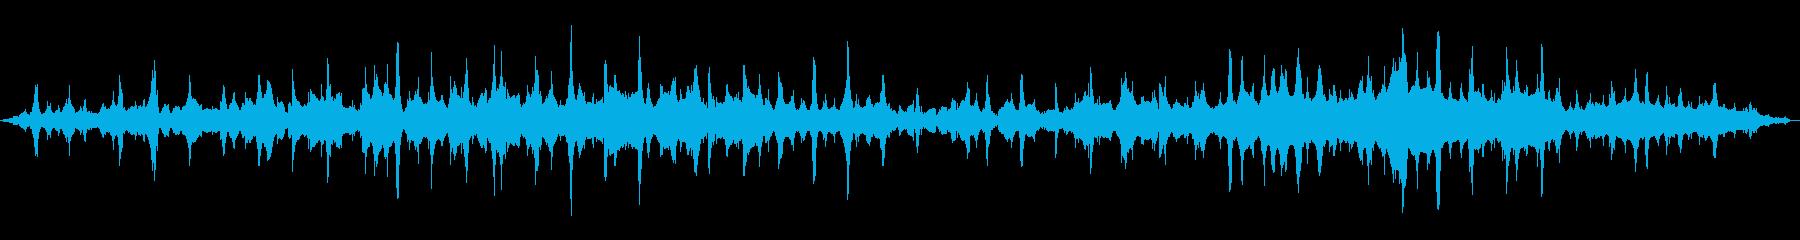 プップップッ(生物の鼓動、水中、神秘的)の再生済みの波形